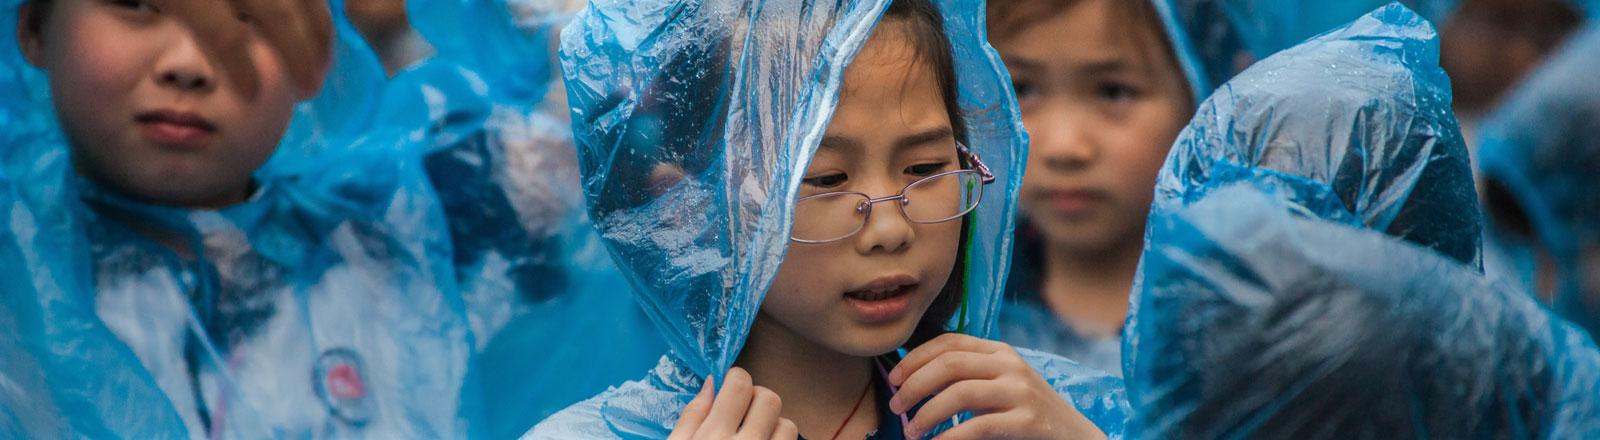 Chinesische Kinder im Regen.